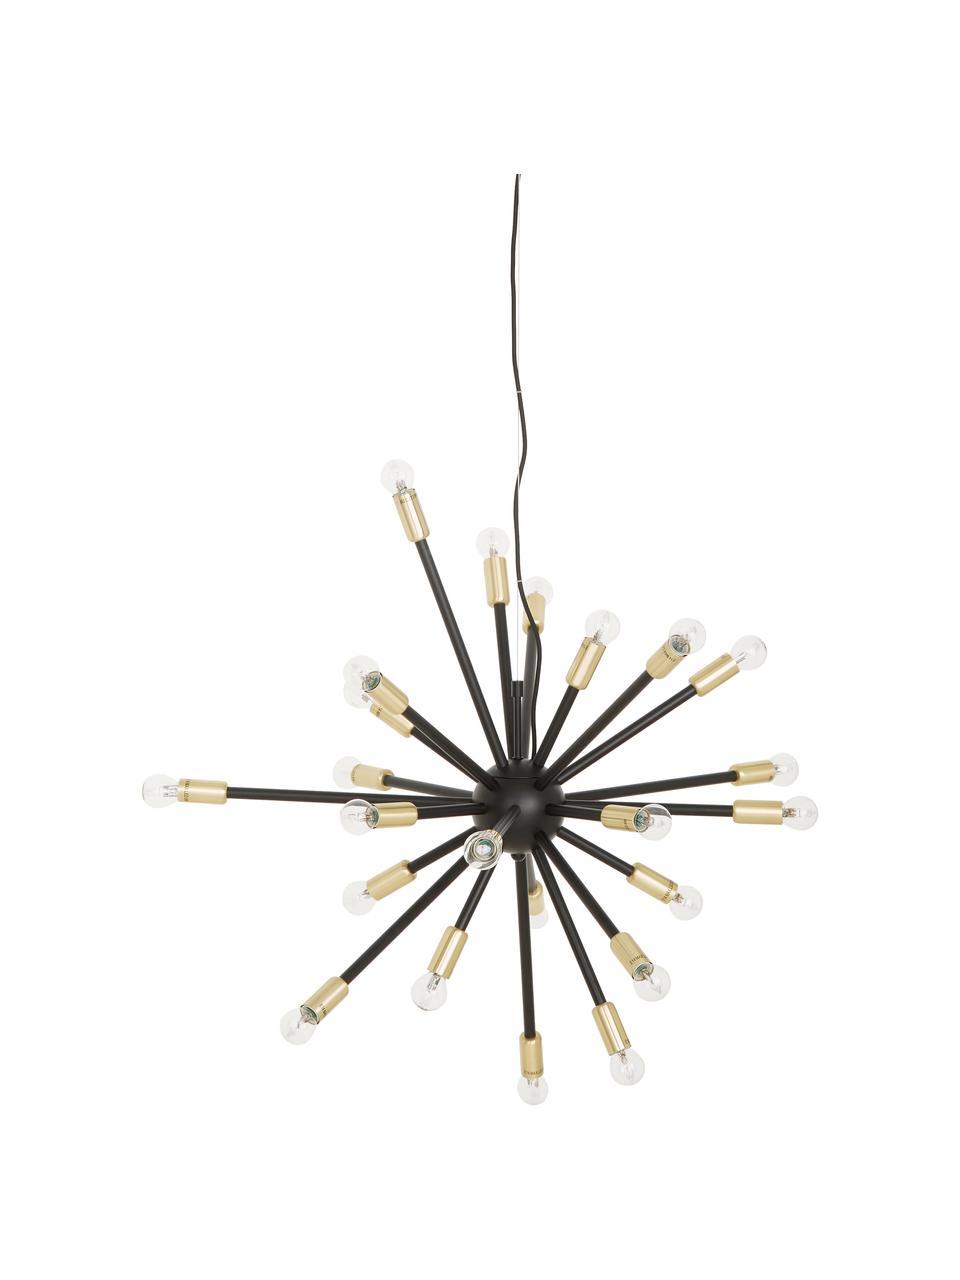 Grote hanglamp Spike in zwart-goudkleur, Baldakijn: gecoat metaal, Lampenkap: gecoat metaal, Fitting: geborsteld metaal, Zwart, goudkleurig, Ø 90 cm